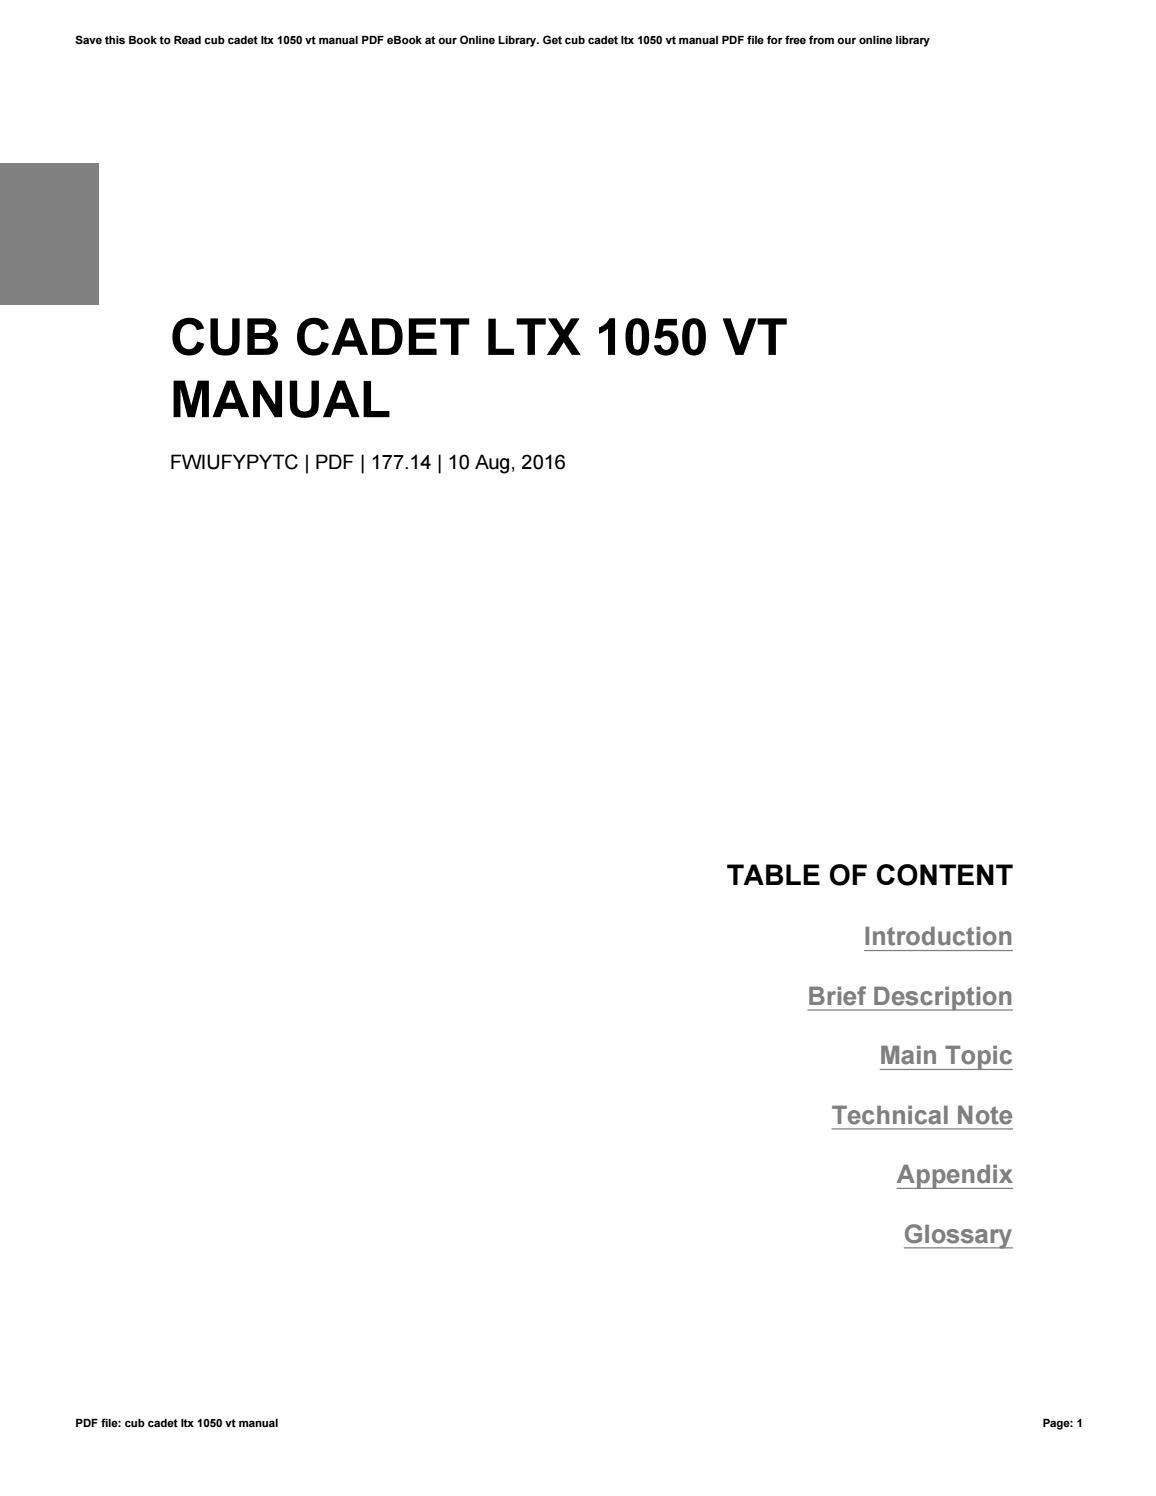 Cub Cadet Ltx 1050 Vt 13vr91ap009 Manual Guide